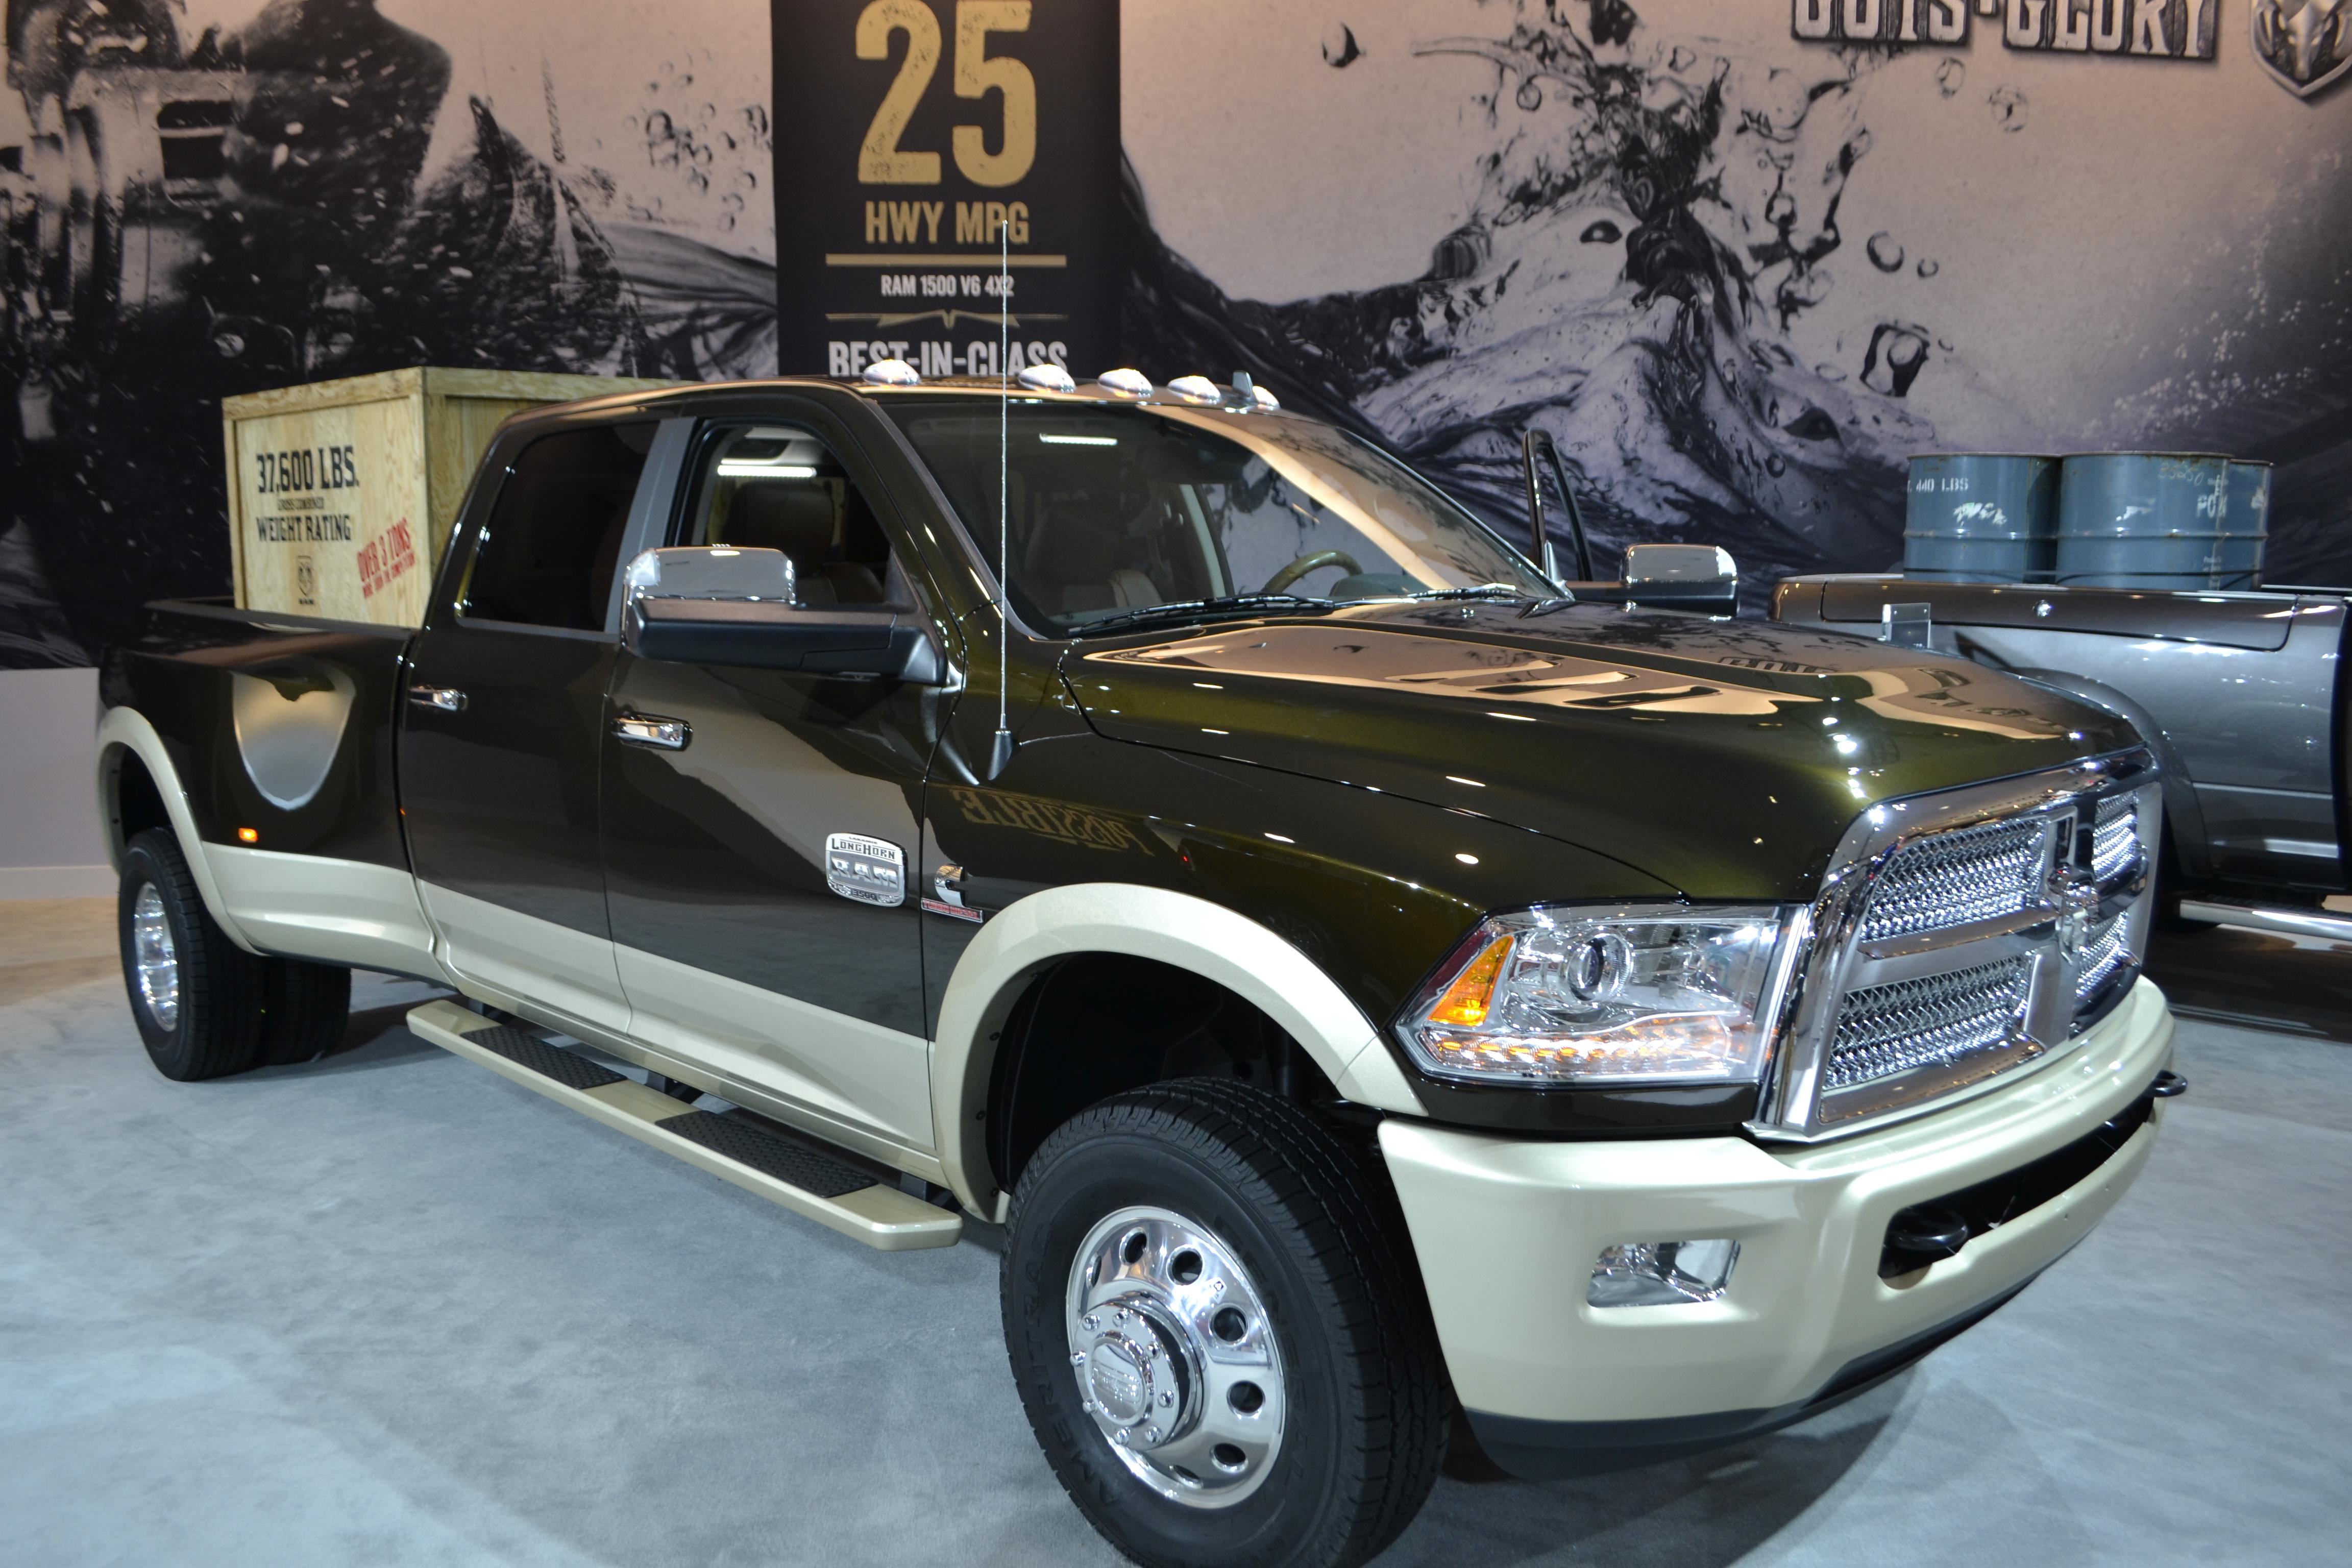 L.A. Auto Show 2013: Pickup Trucks